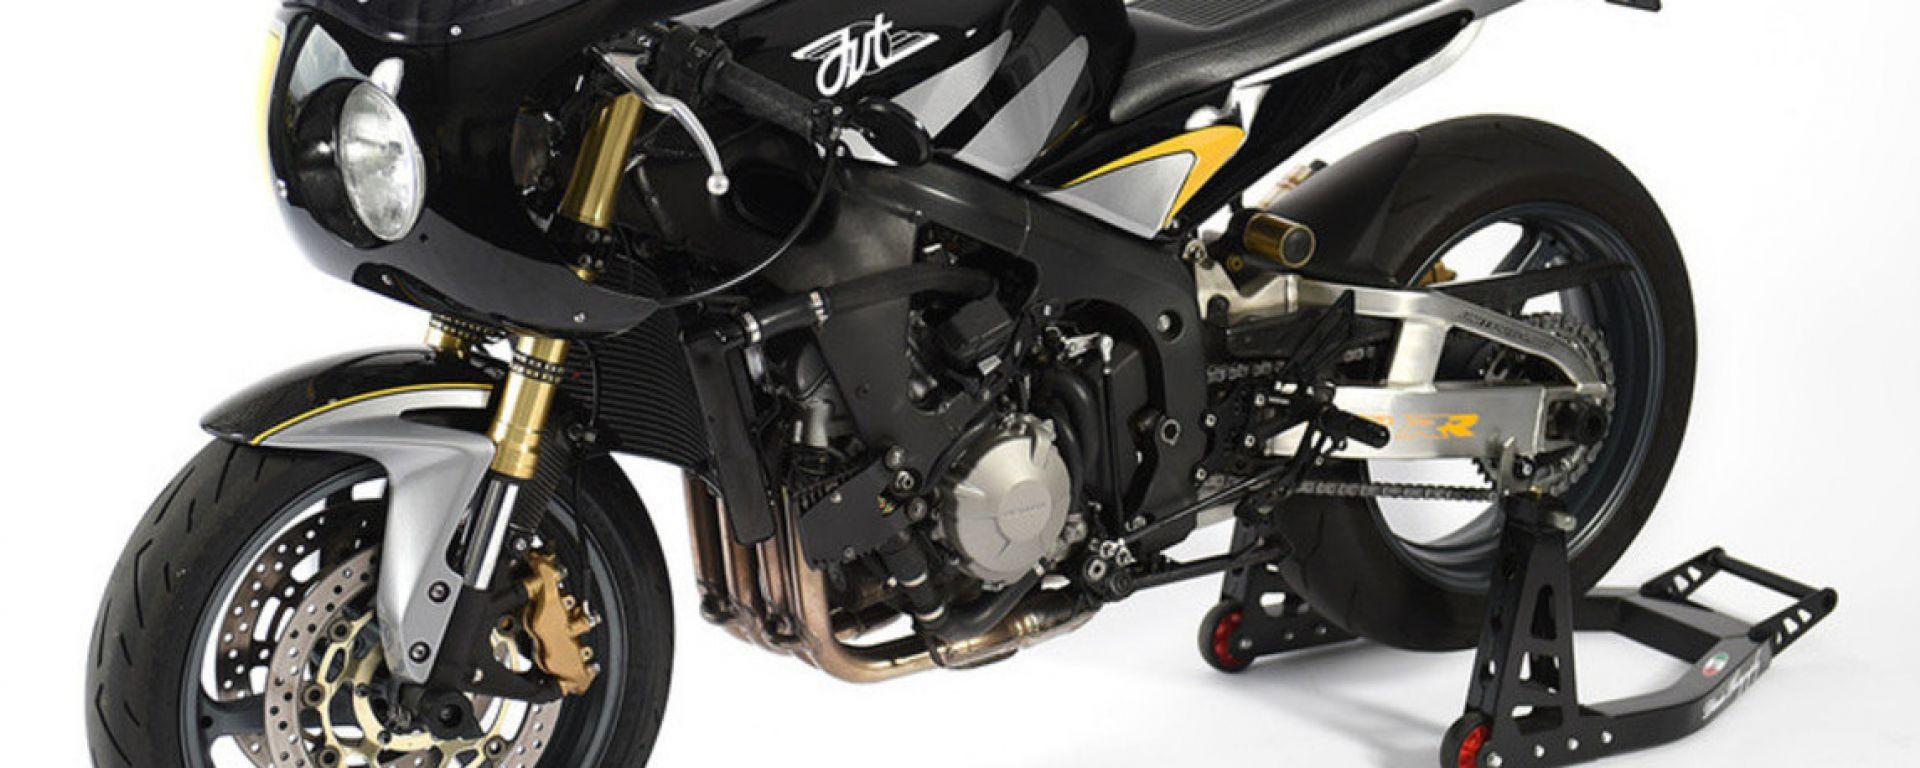 La Honda CBR600RR diventa Cafè Racer